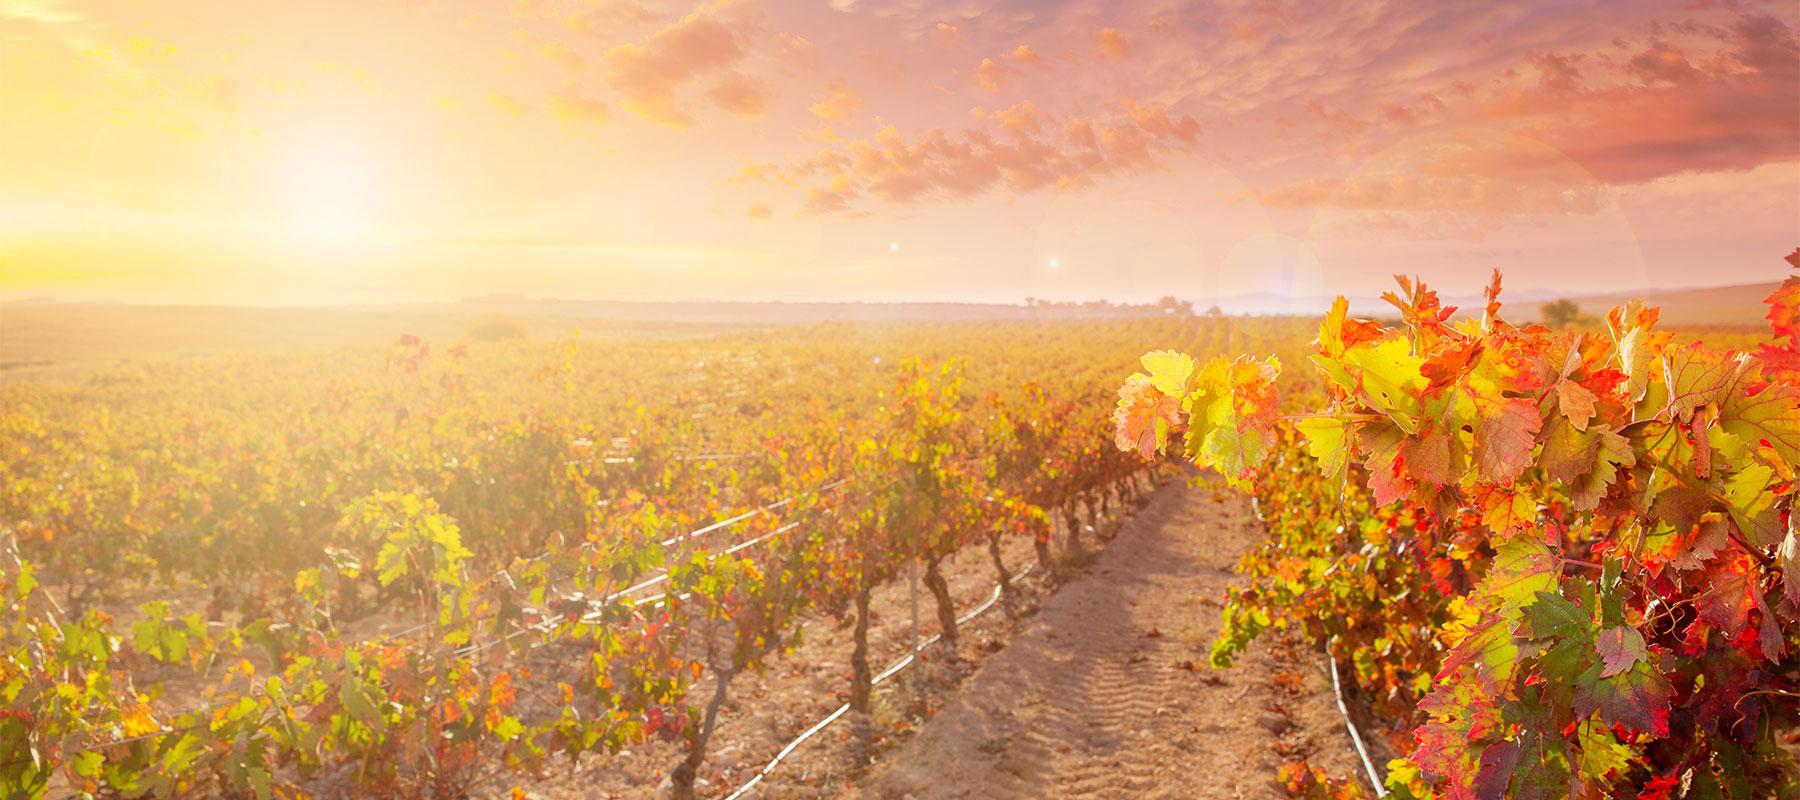 Wijn van de maand september 2019